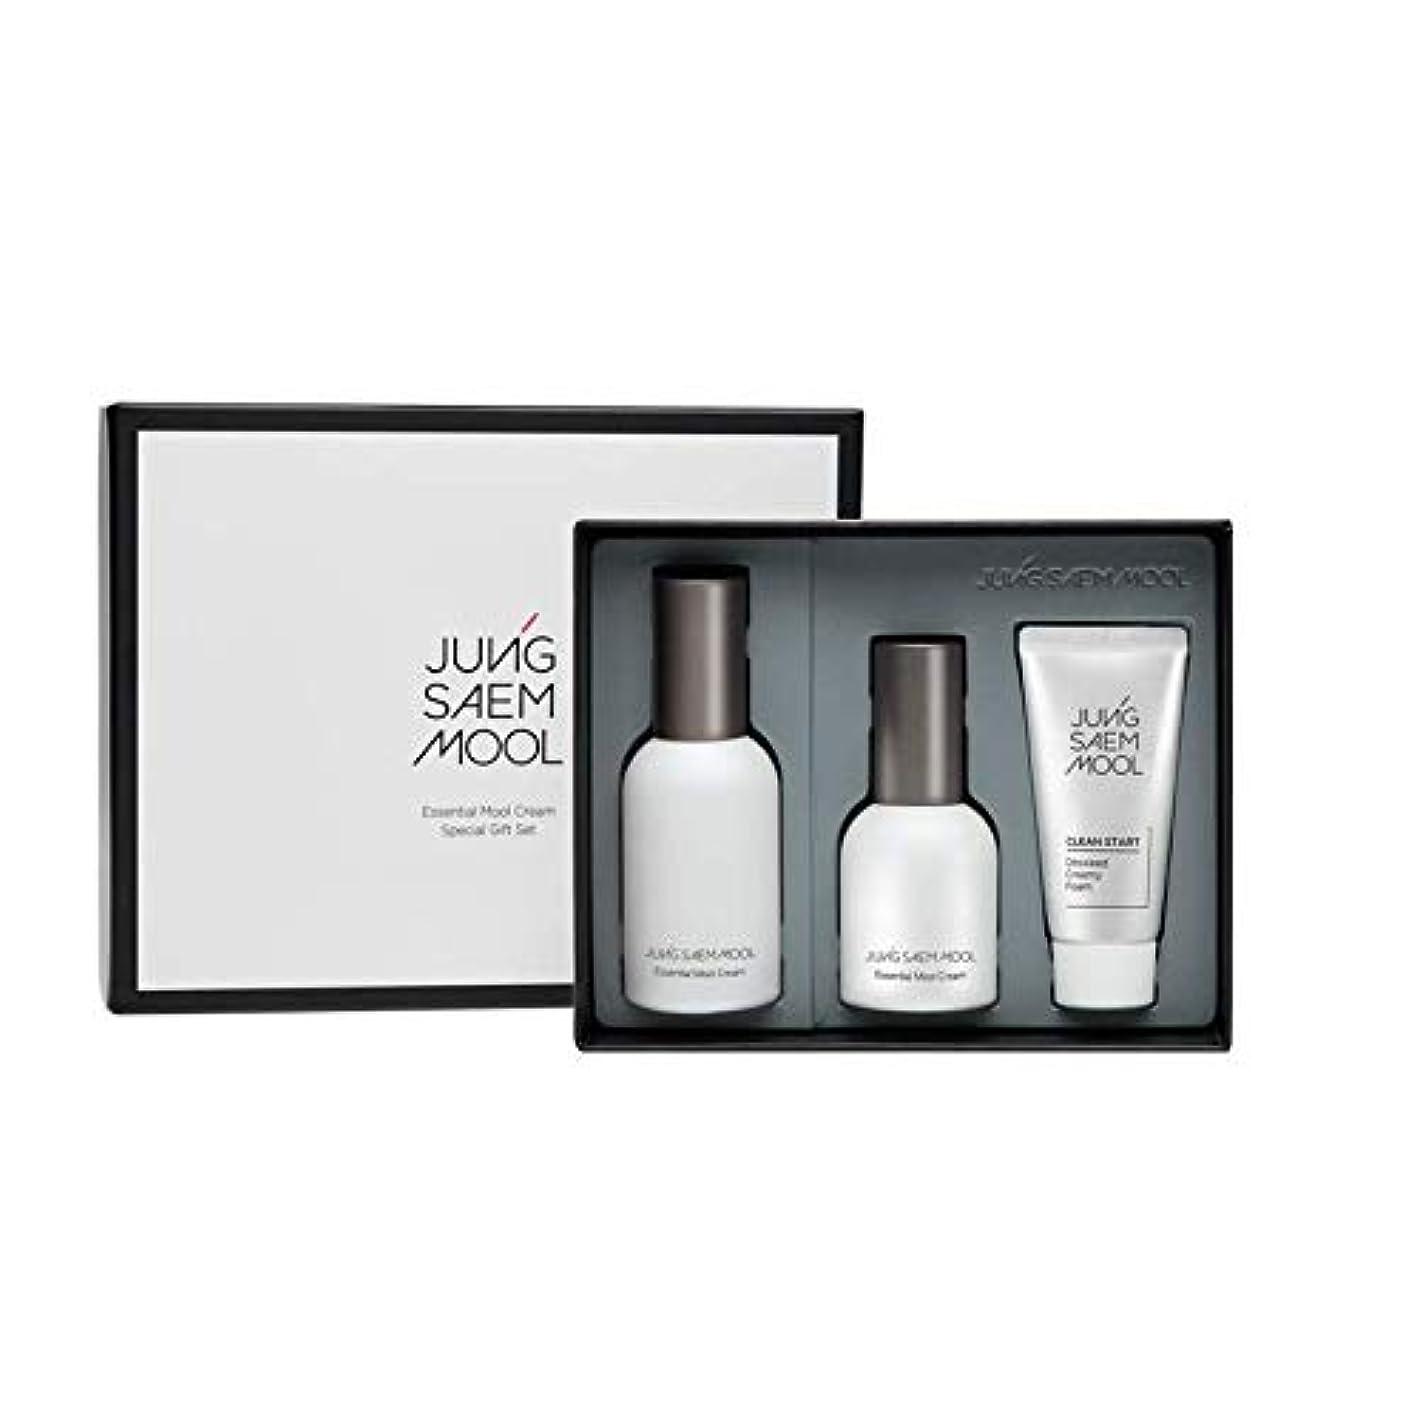 アシスト西保証金ジョンセンムル JUNGSAEMMOOL エッセンシャルムルクリームスペシャルギフトセット Essential Mool Cream Special Gift Set [並行輸入品]